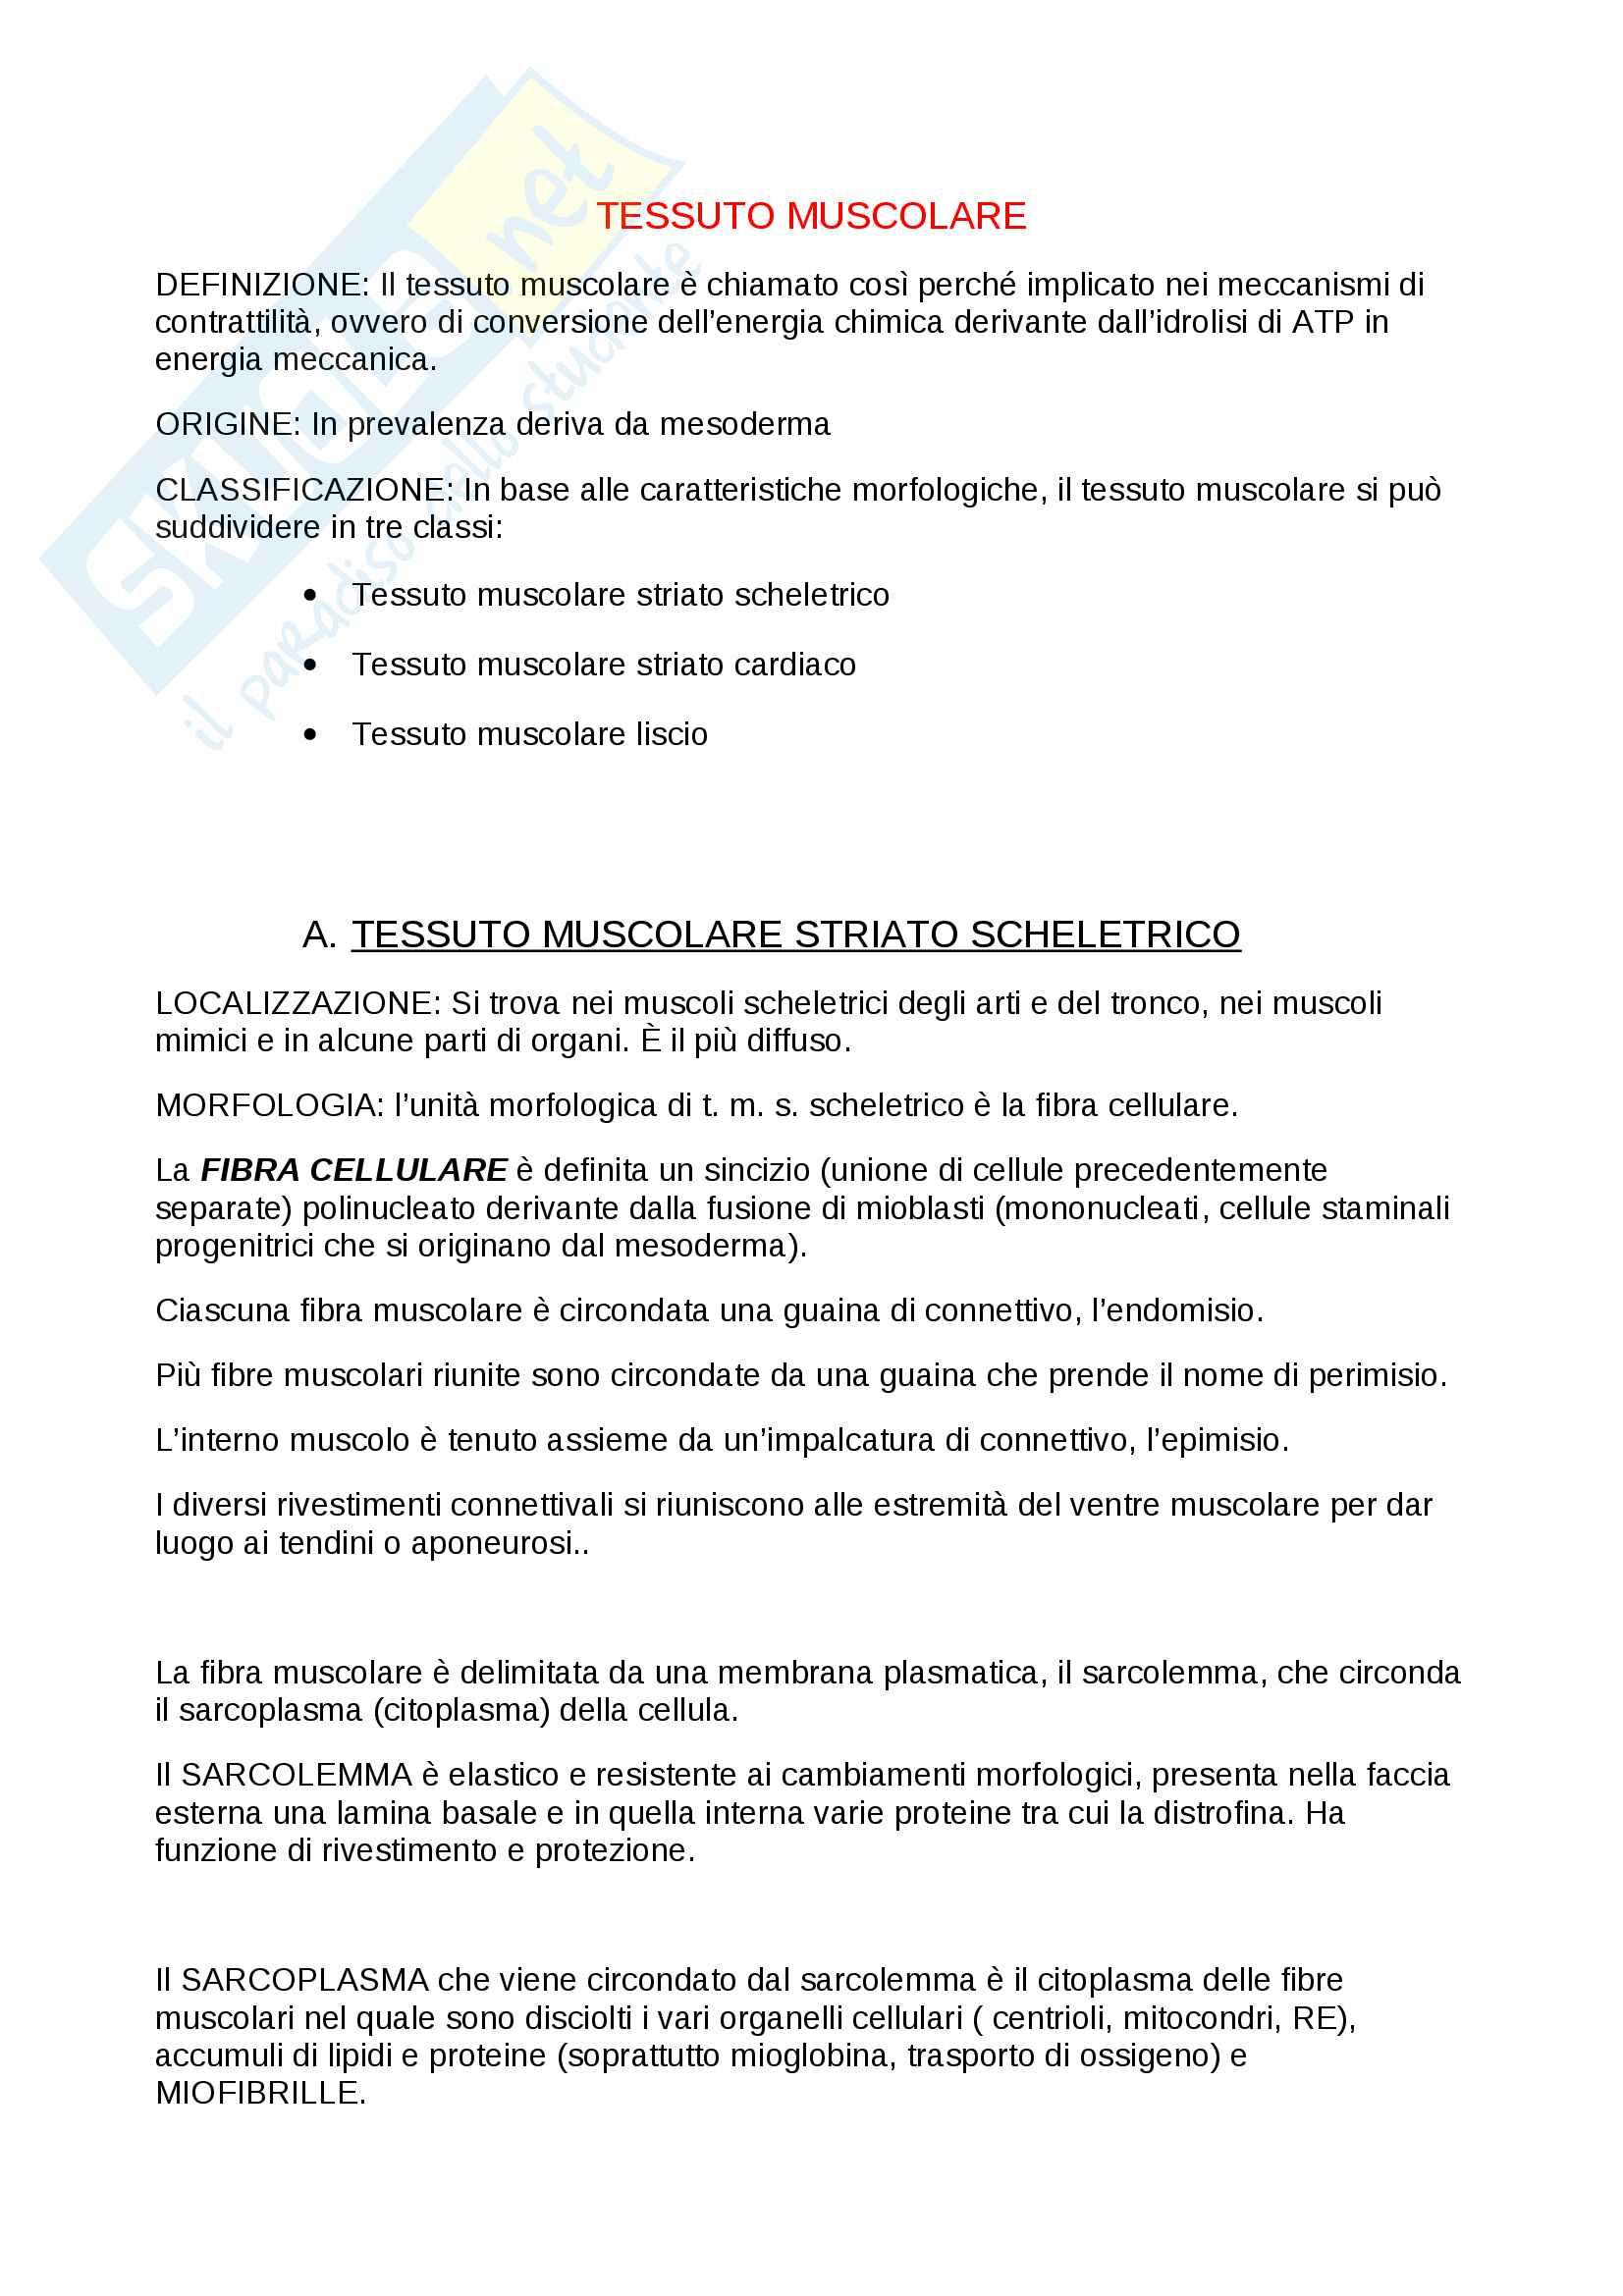 Riassunto esame istologia, prof. A. Fagotti. Libro consigliato Biologia dei tessuti, Olmo, Colombo